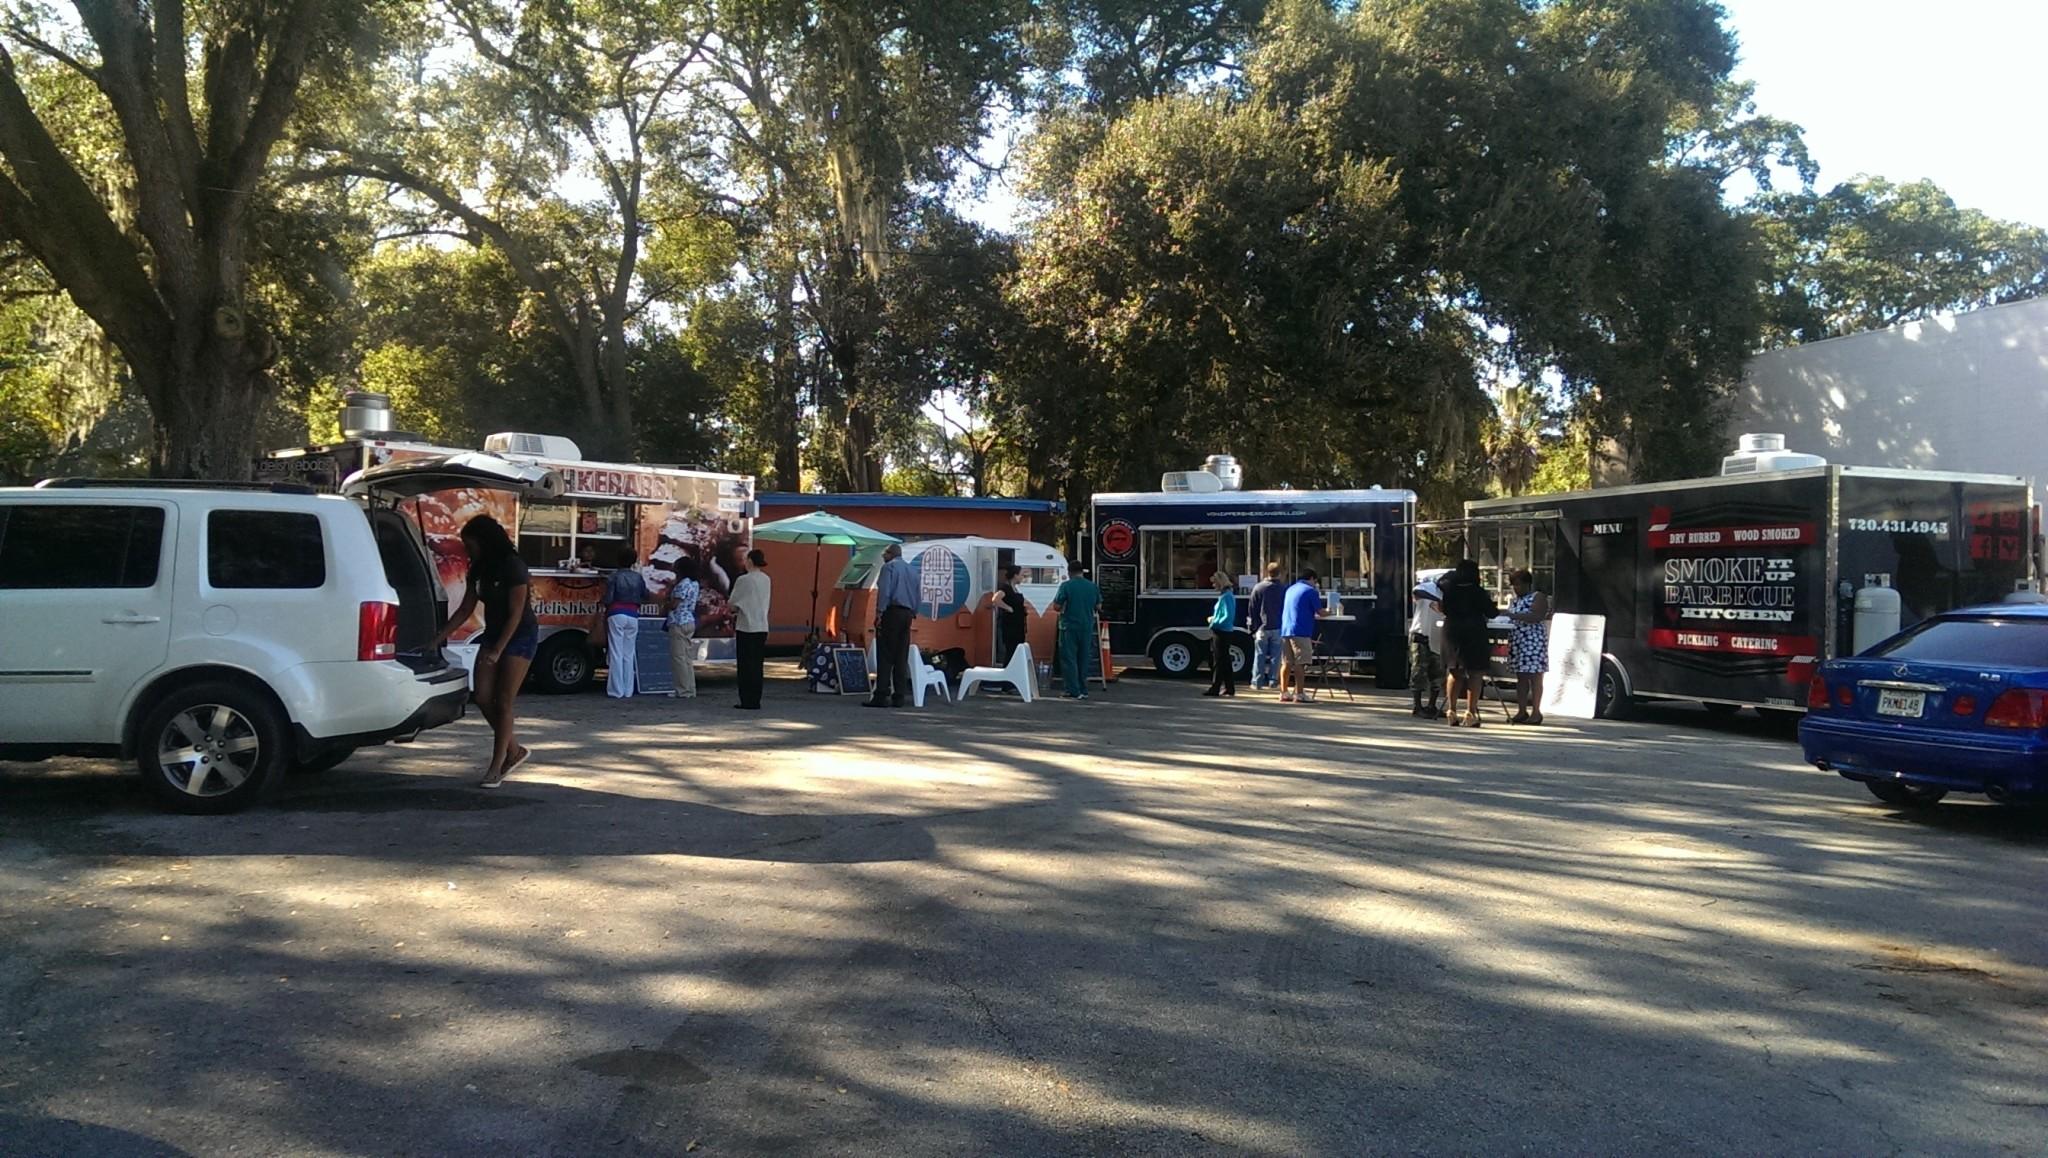 Jax Food Truck Court